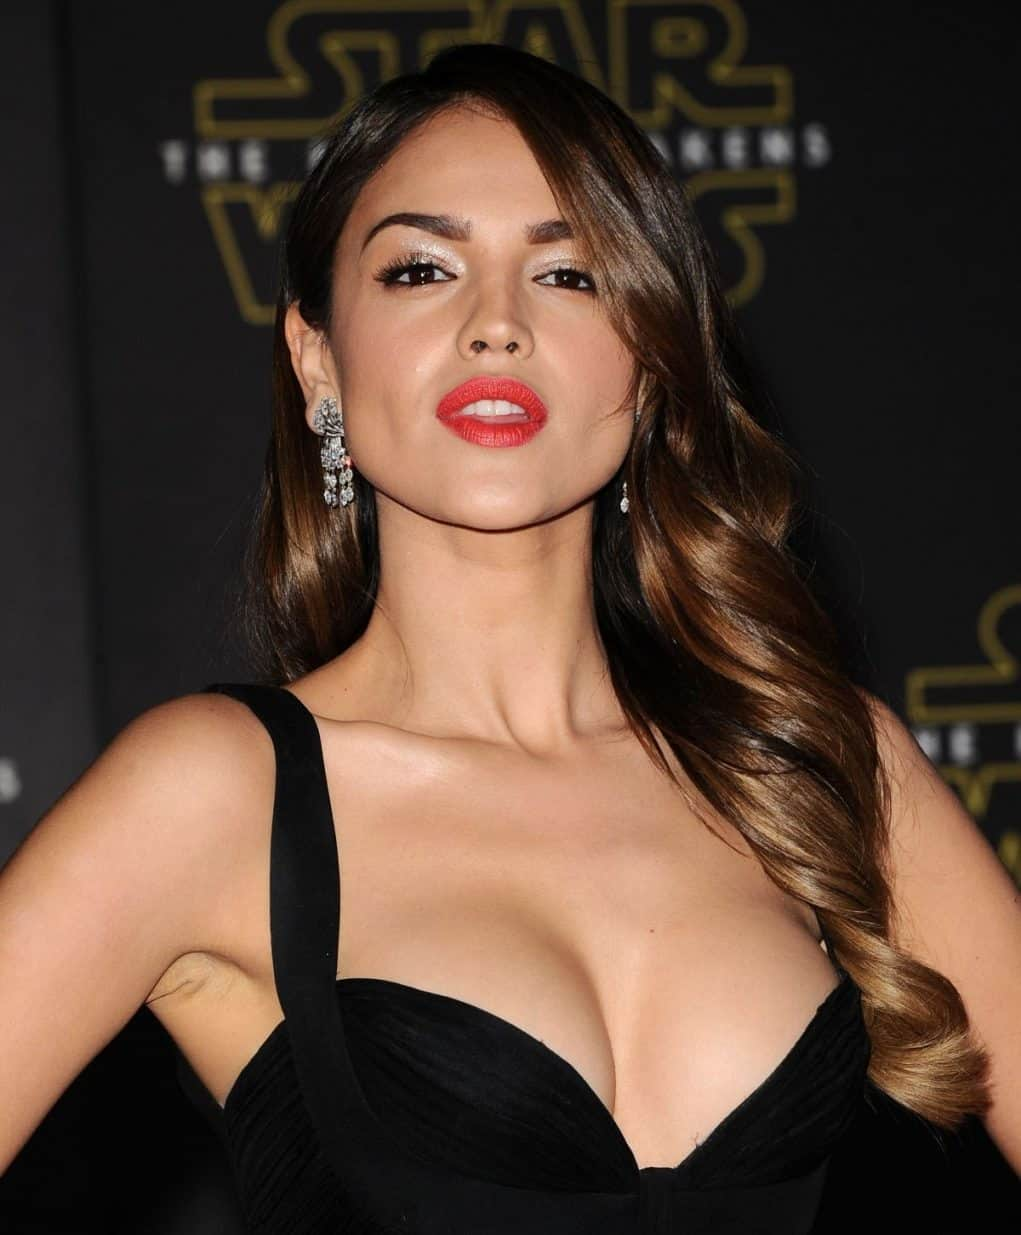 Eiza Gonzalez Catwoman Gotham City Sirens (2)